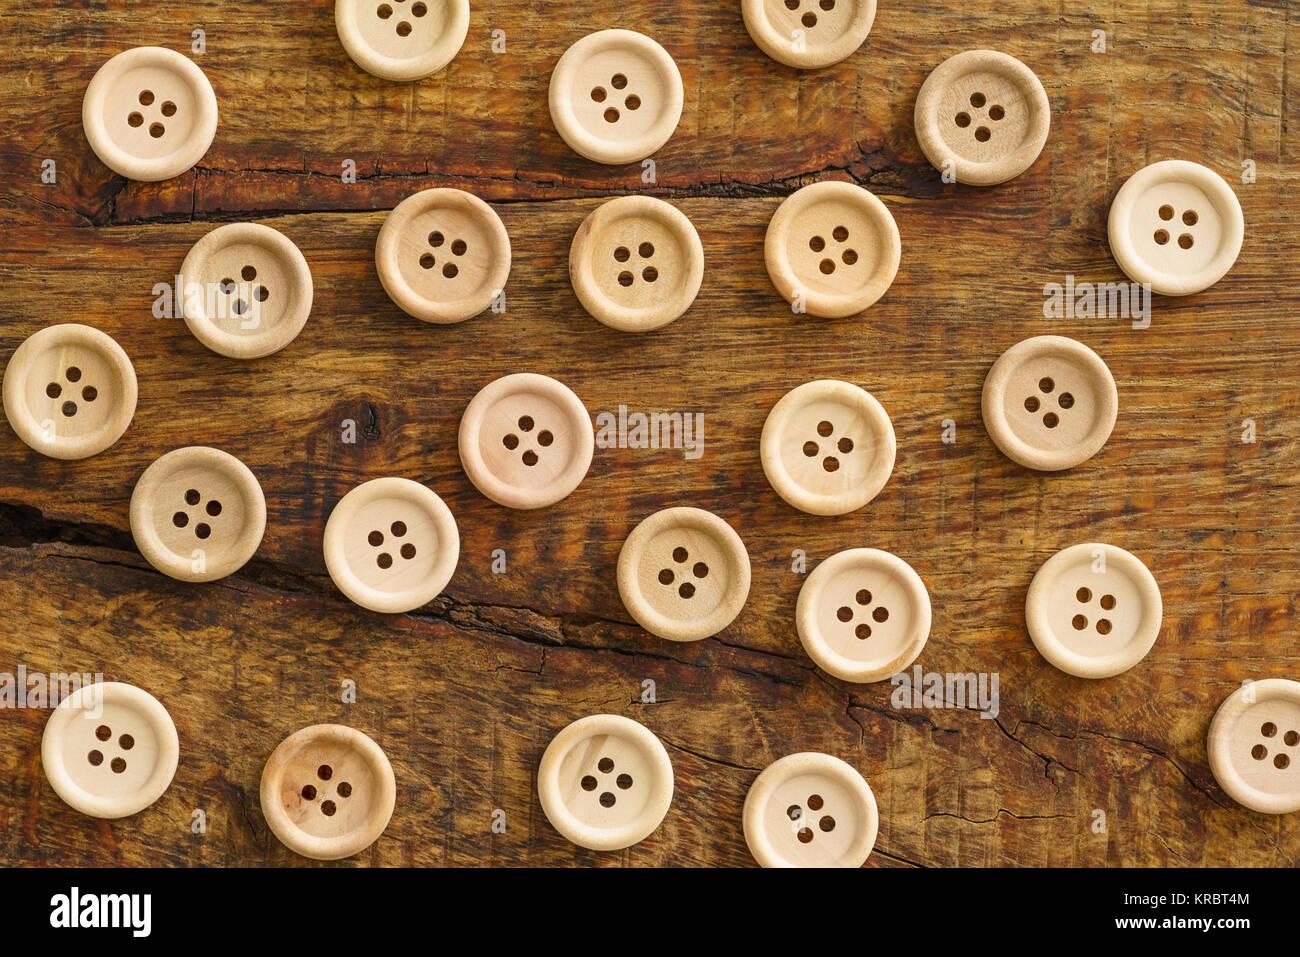 Colección de botones de madera Foto de stock